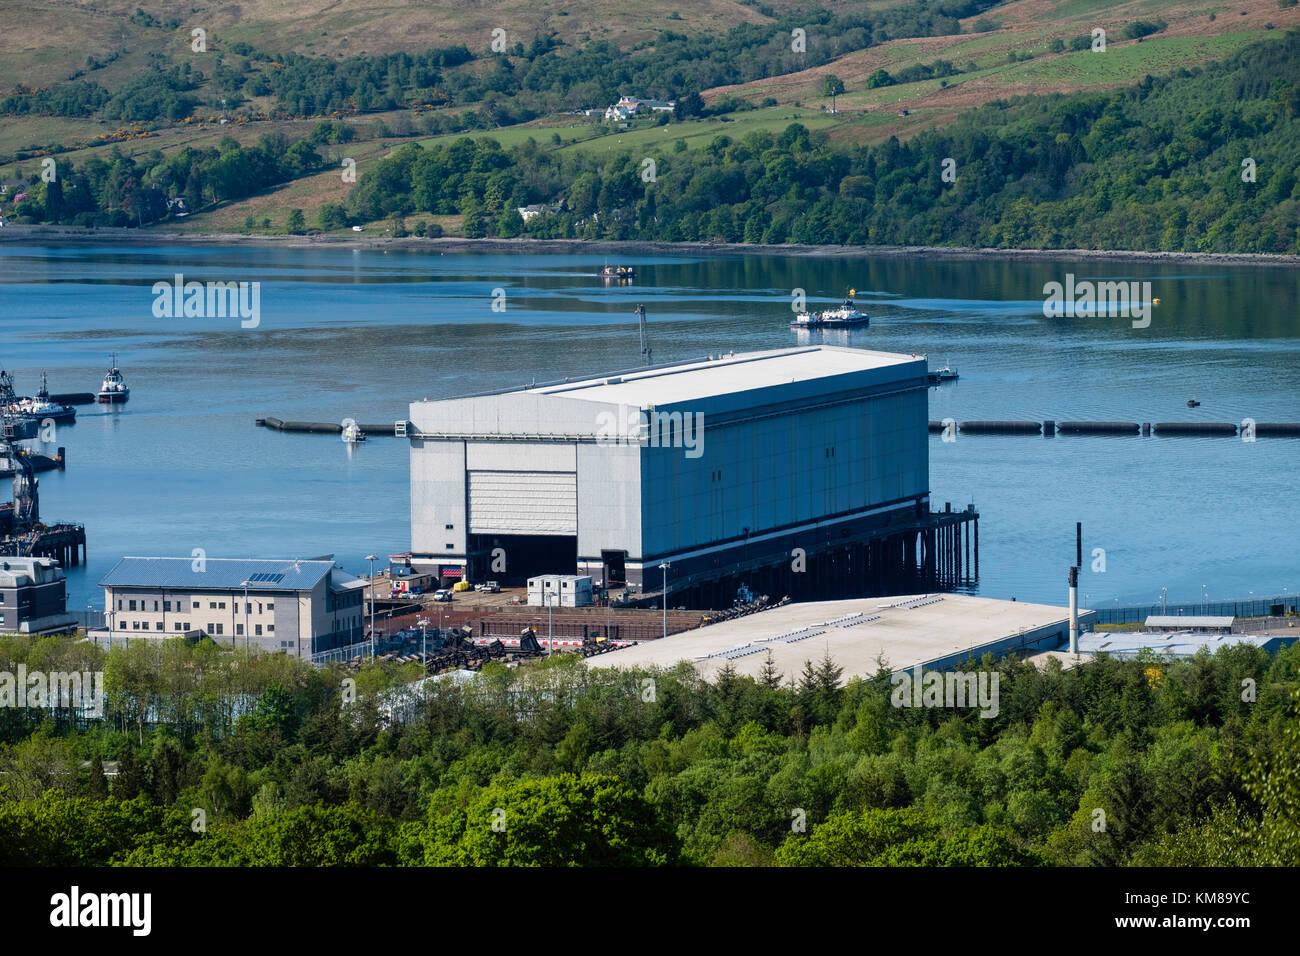 Vista de la base de submarinos nucleares de Faslane en el Gare Loch en Argyll and Bute, Scotland, Reino Unido Imagen De Stock